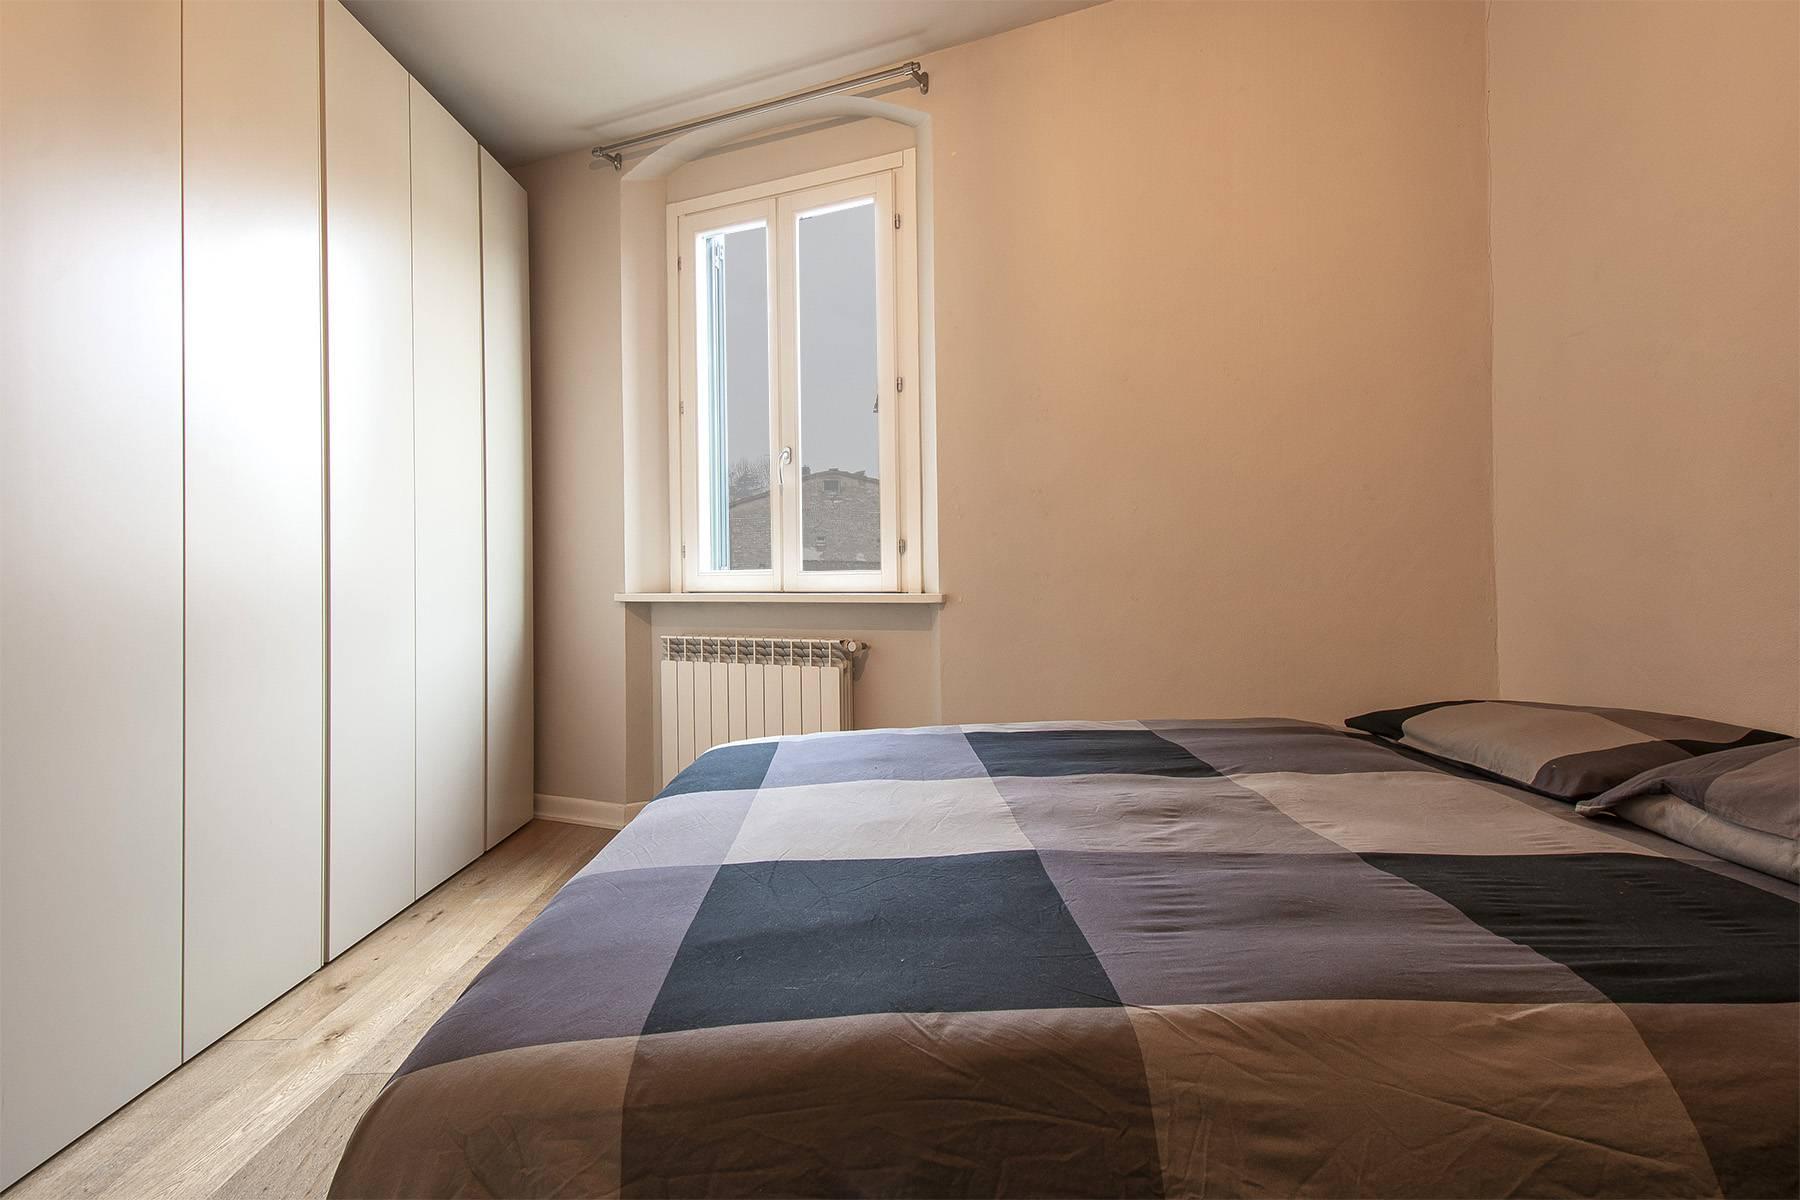 Appartamento in Vendita a Lucca: 5 locali, 120 mq - Foto 13